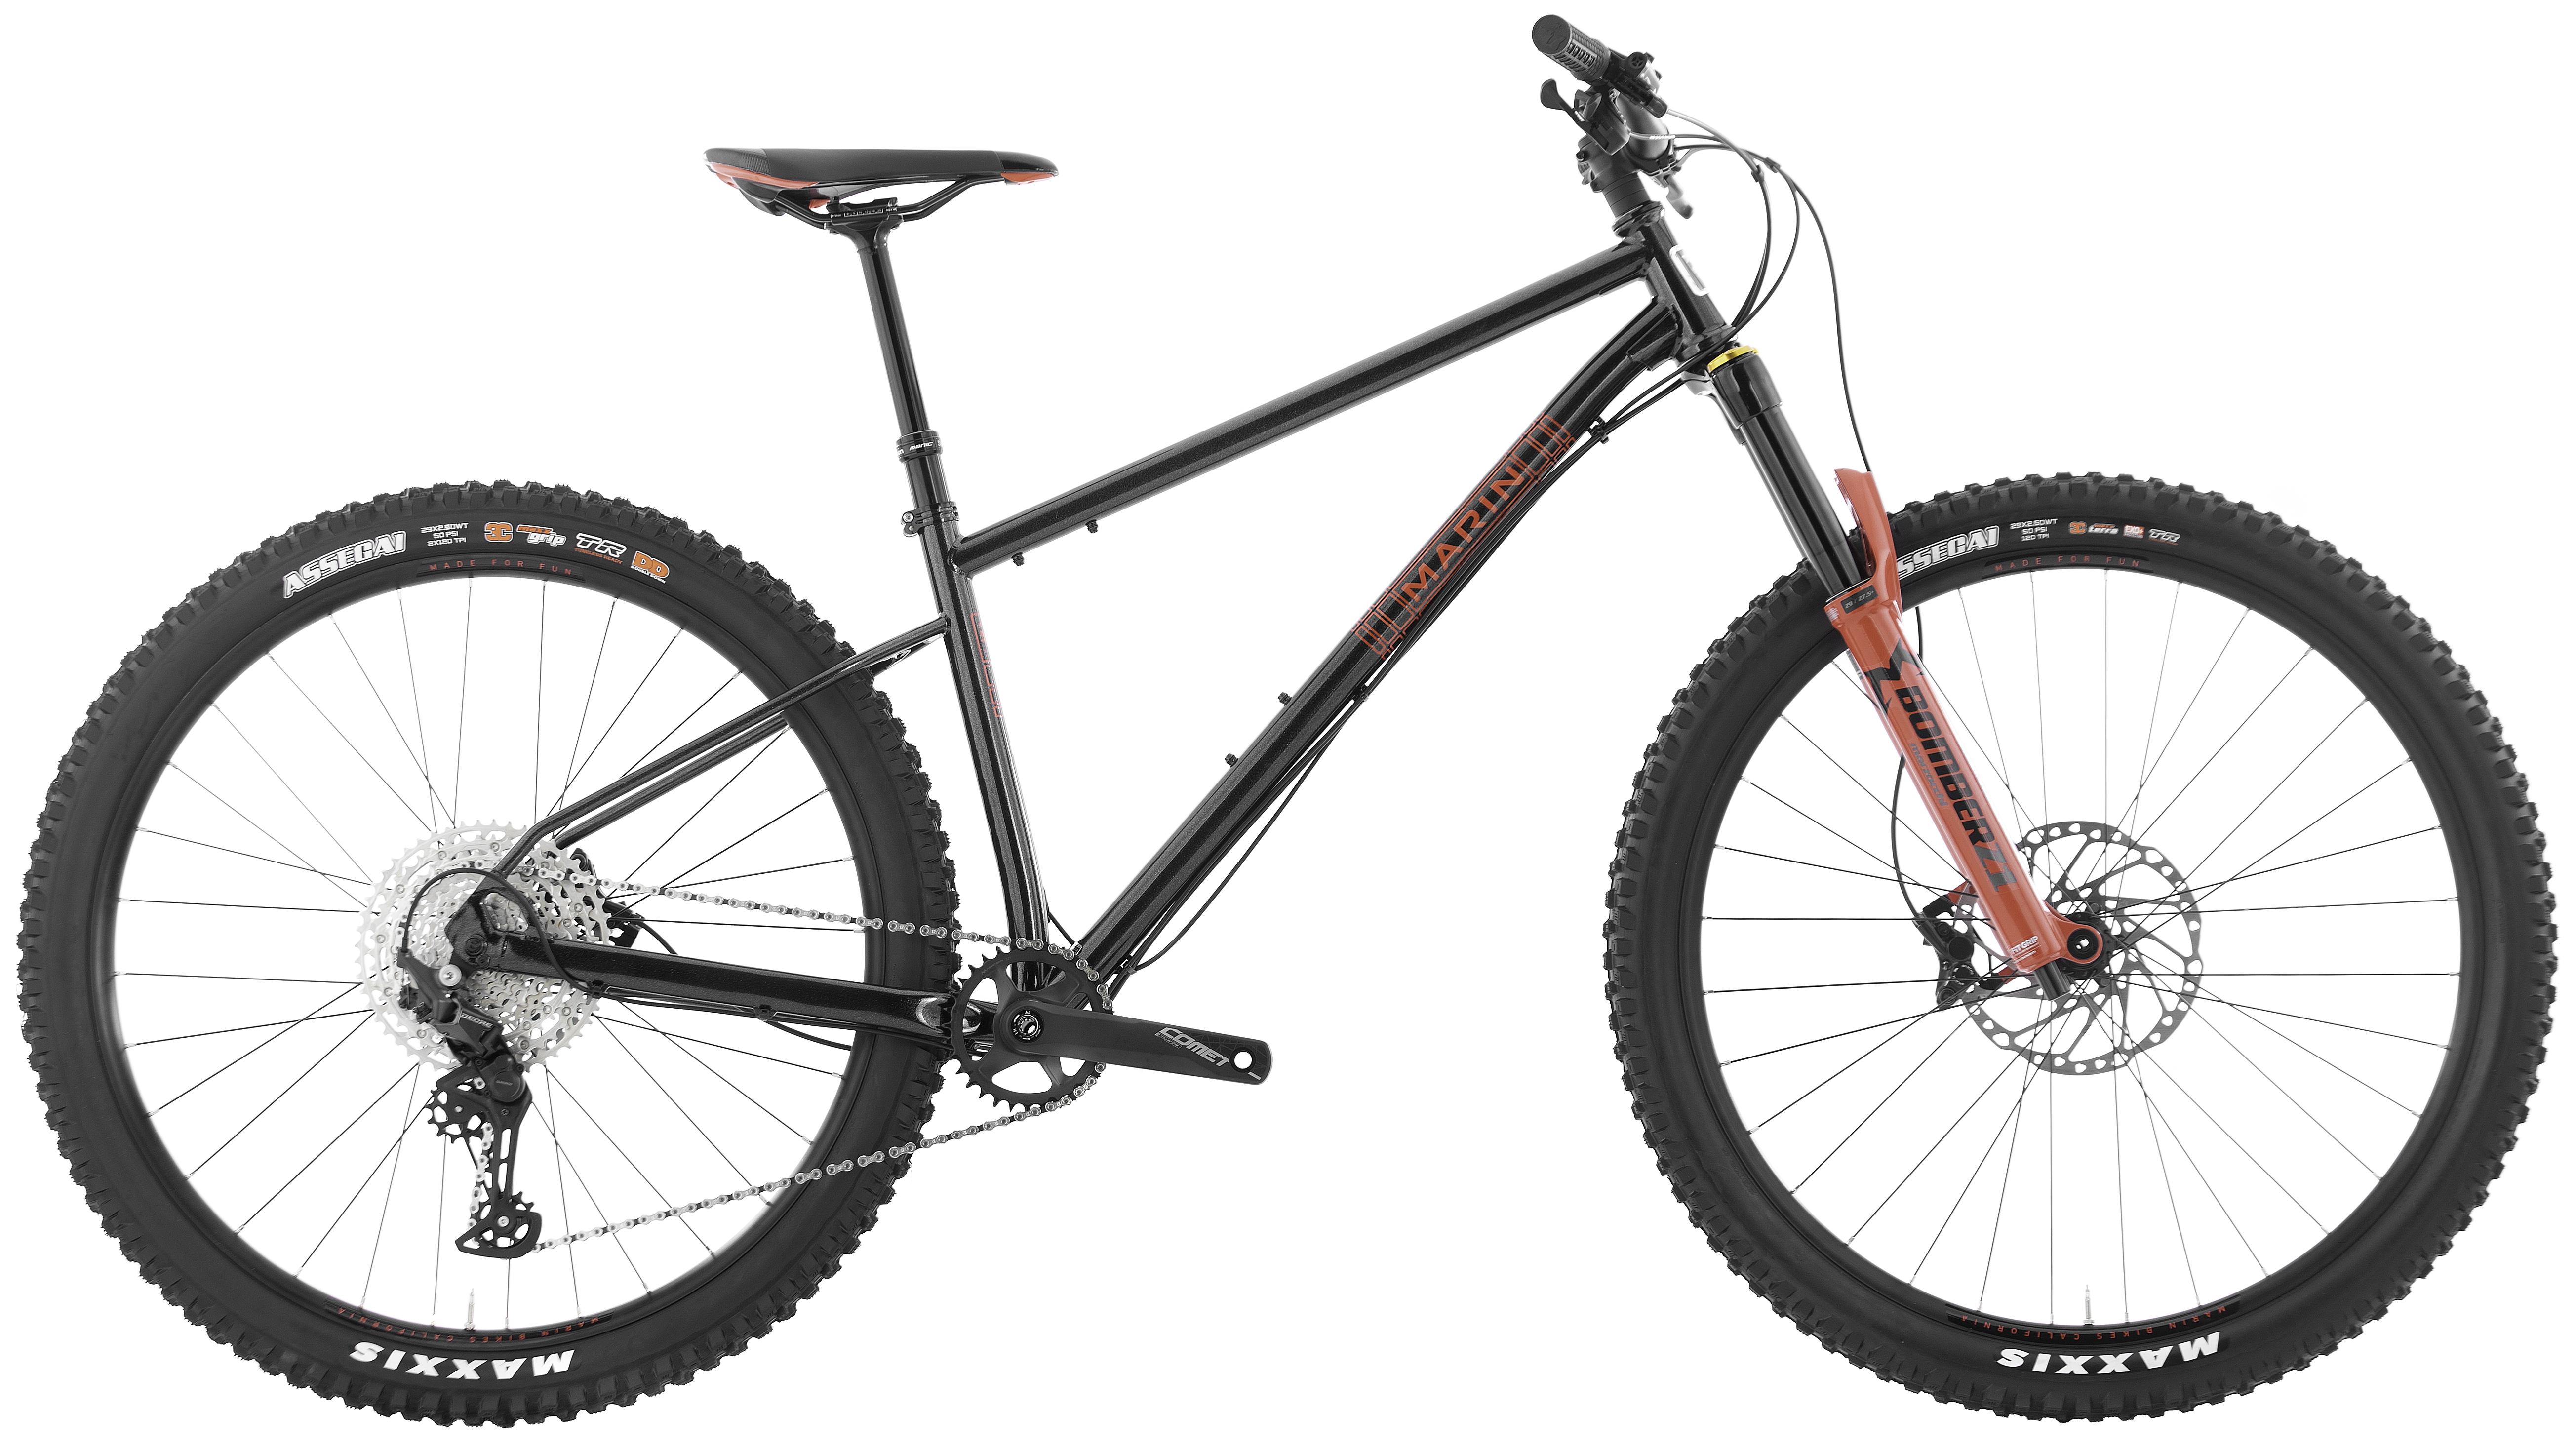 marin el roy 2022 trail all-mountain bike